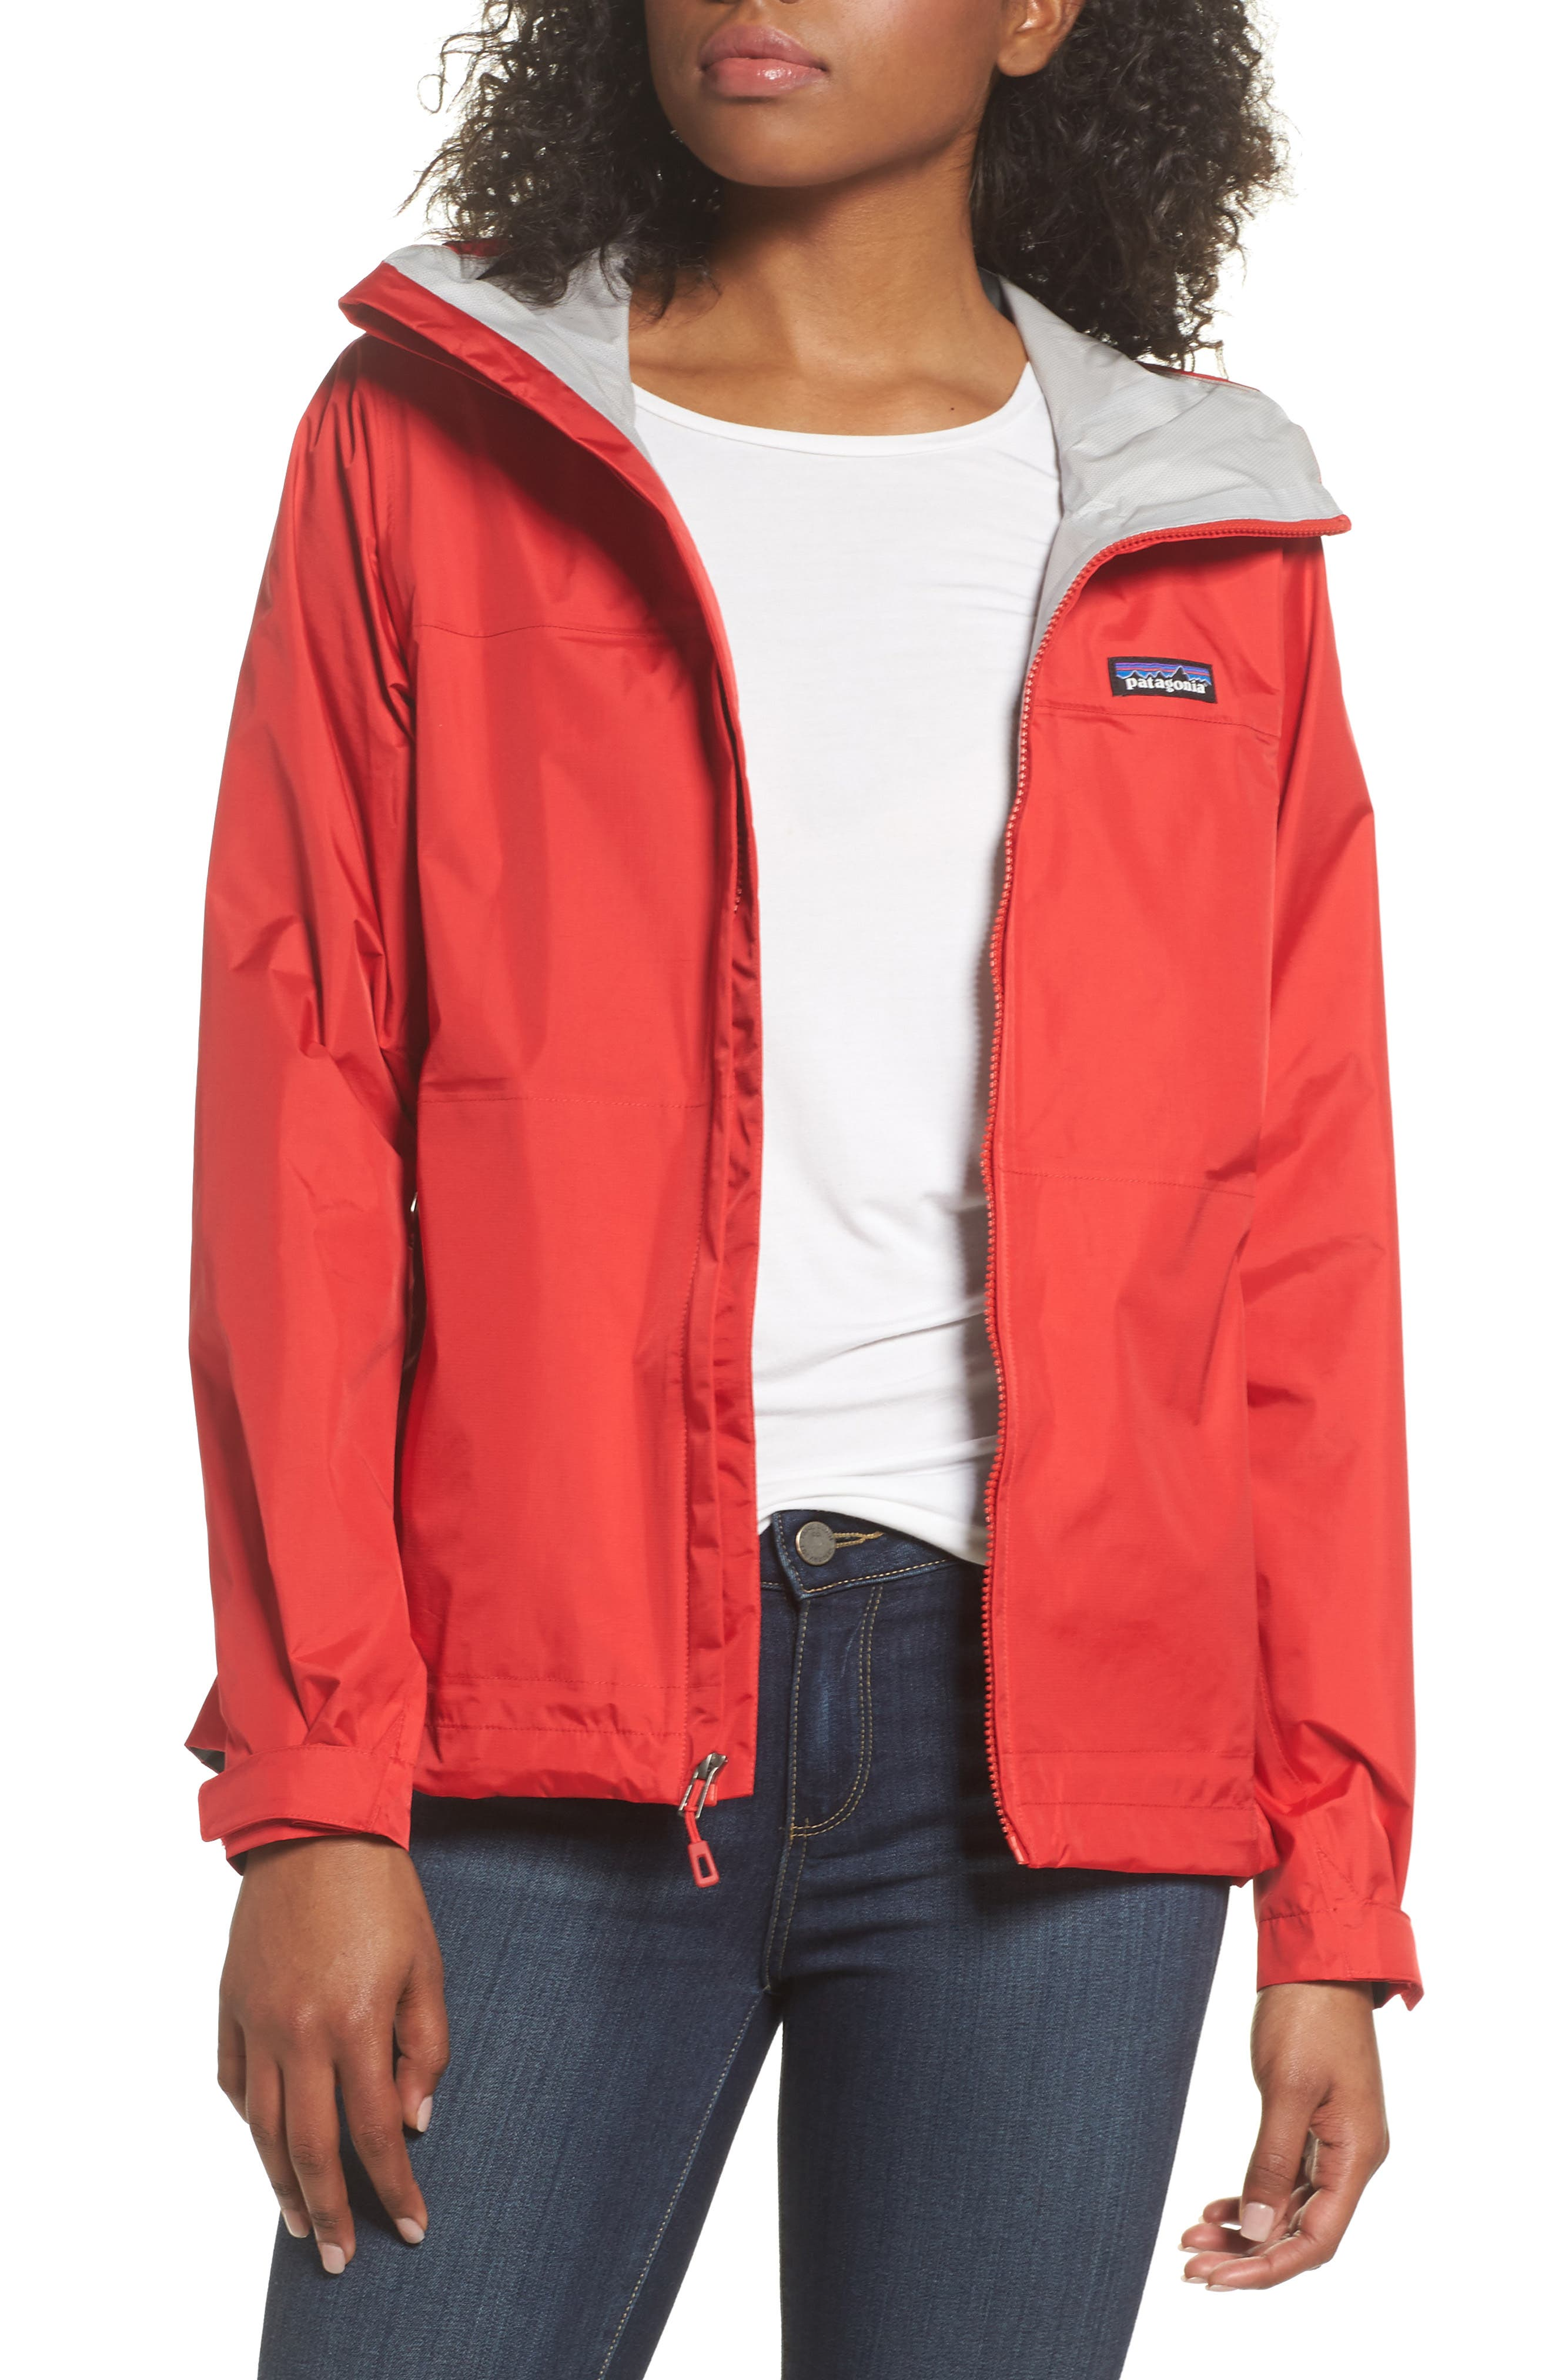 Main Image - Patagonia Torrentshell Jacket